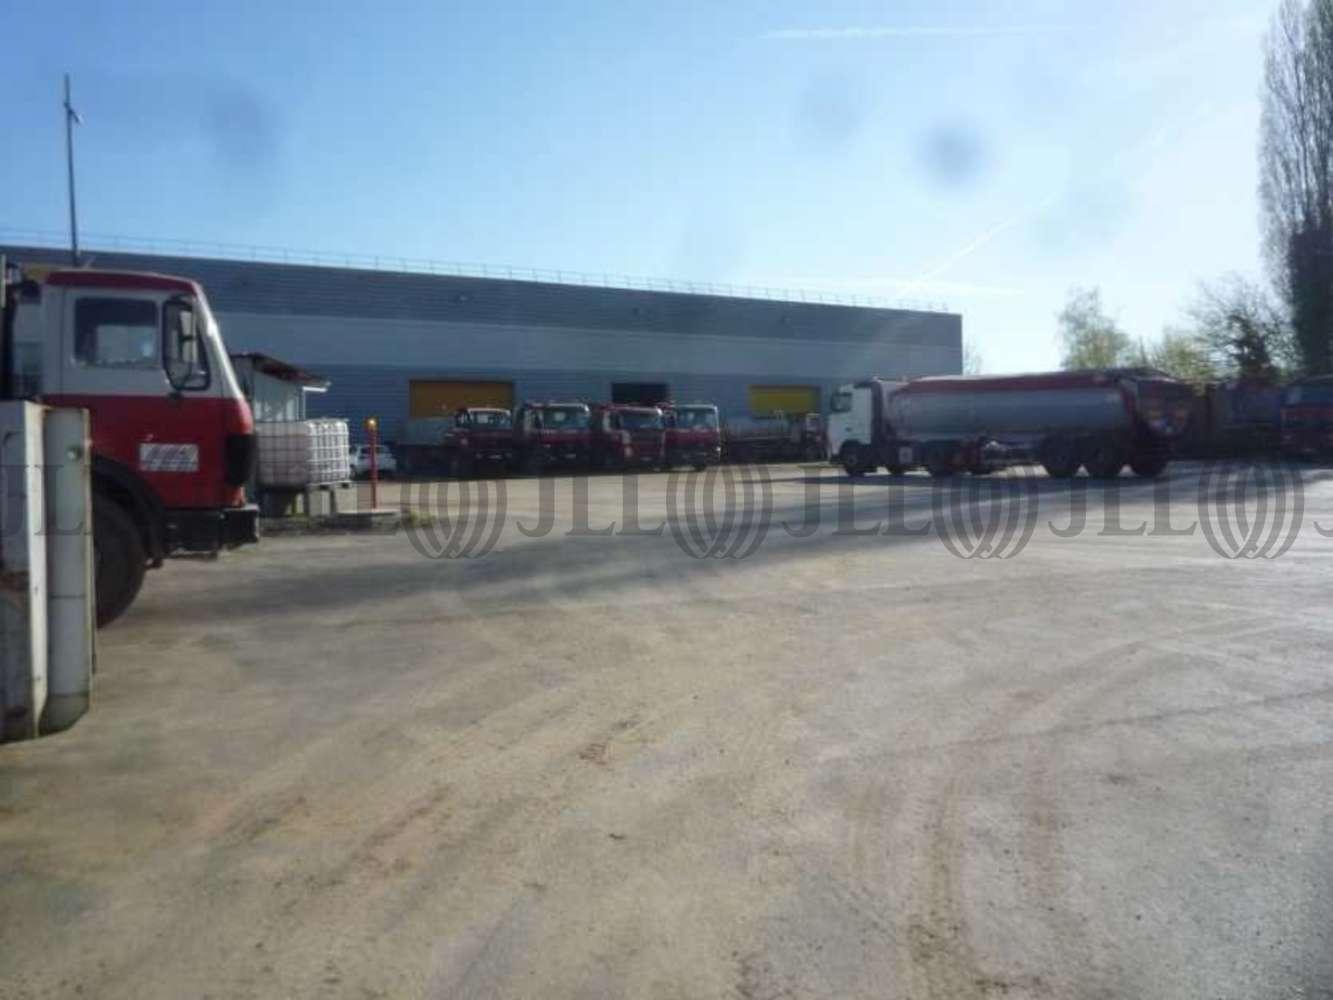 Activités/entrepôt Bailly romainvilliers, 77700 - ZAC DE BAILLY ROMAINVILLIERS - 9462046